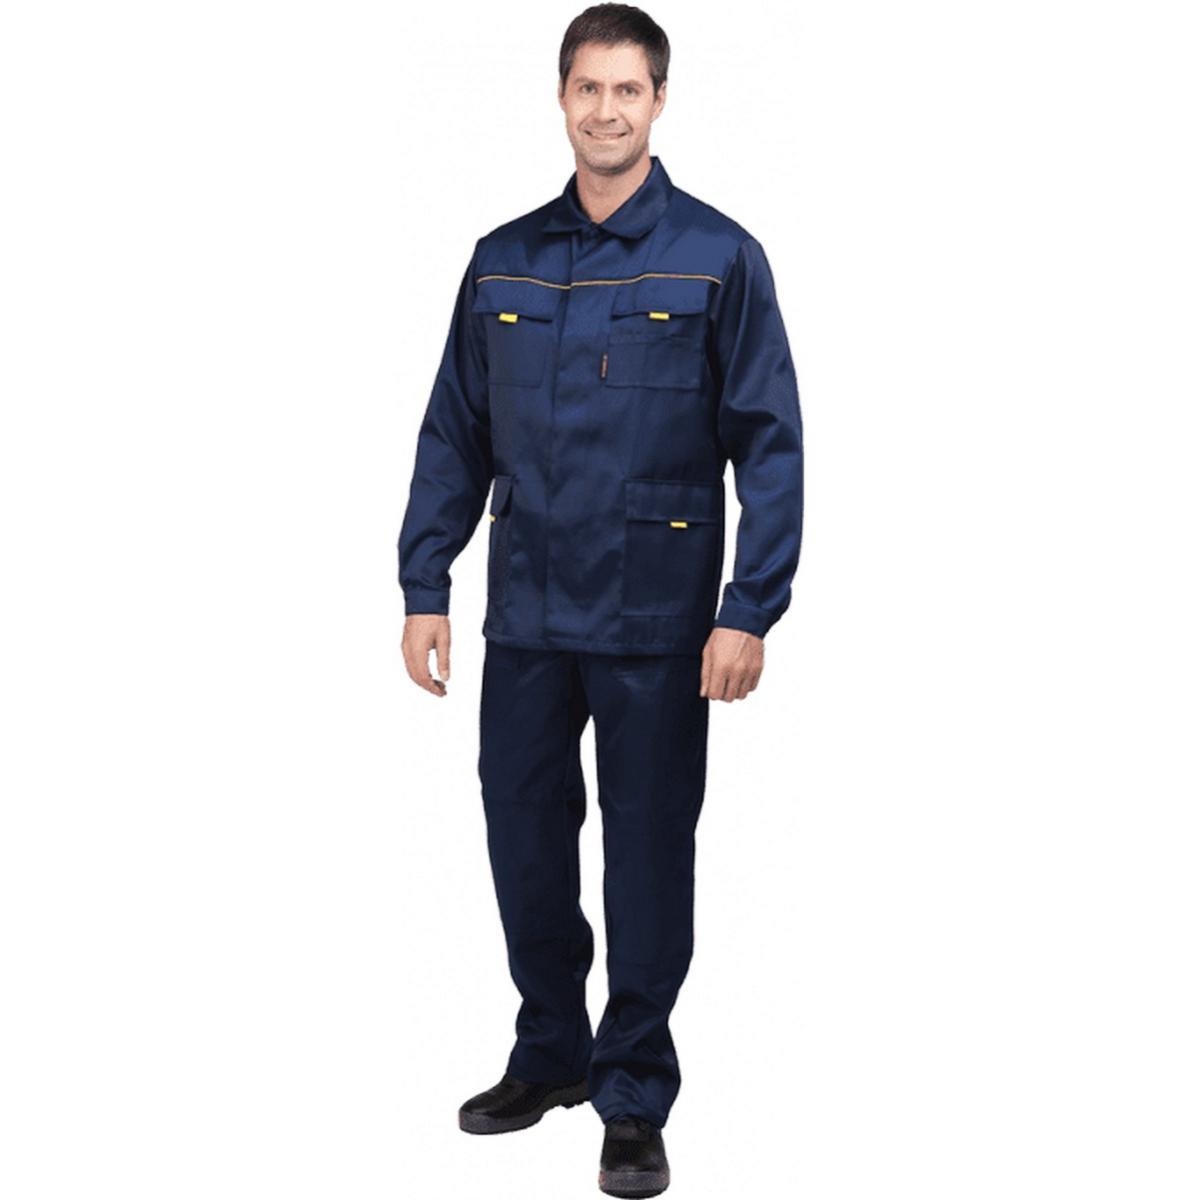 Костюм ВЫМПЕЛ-2 т/синий (куртка+п/к)  (разм. 112-116 рост 170-176)